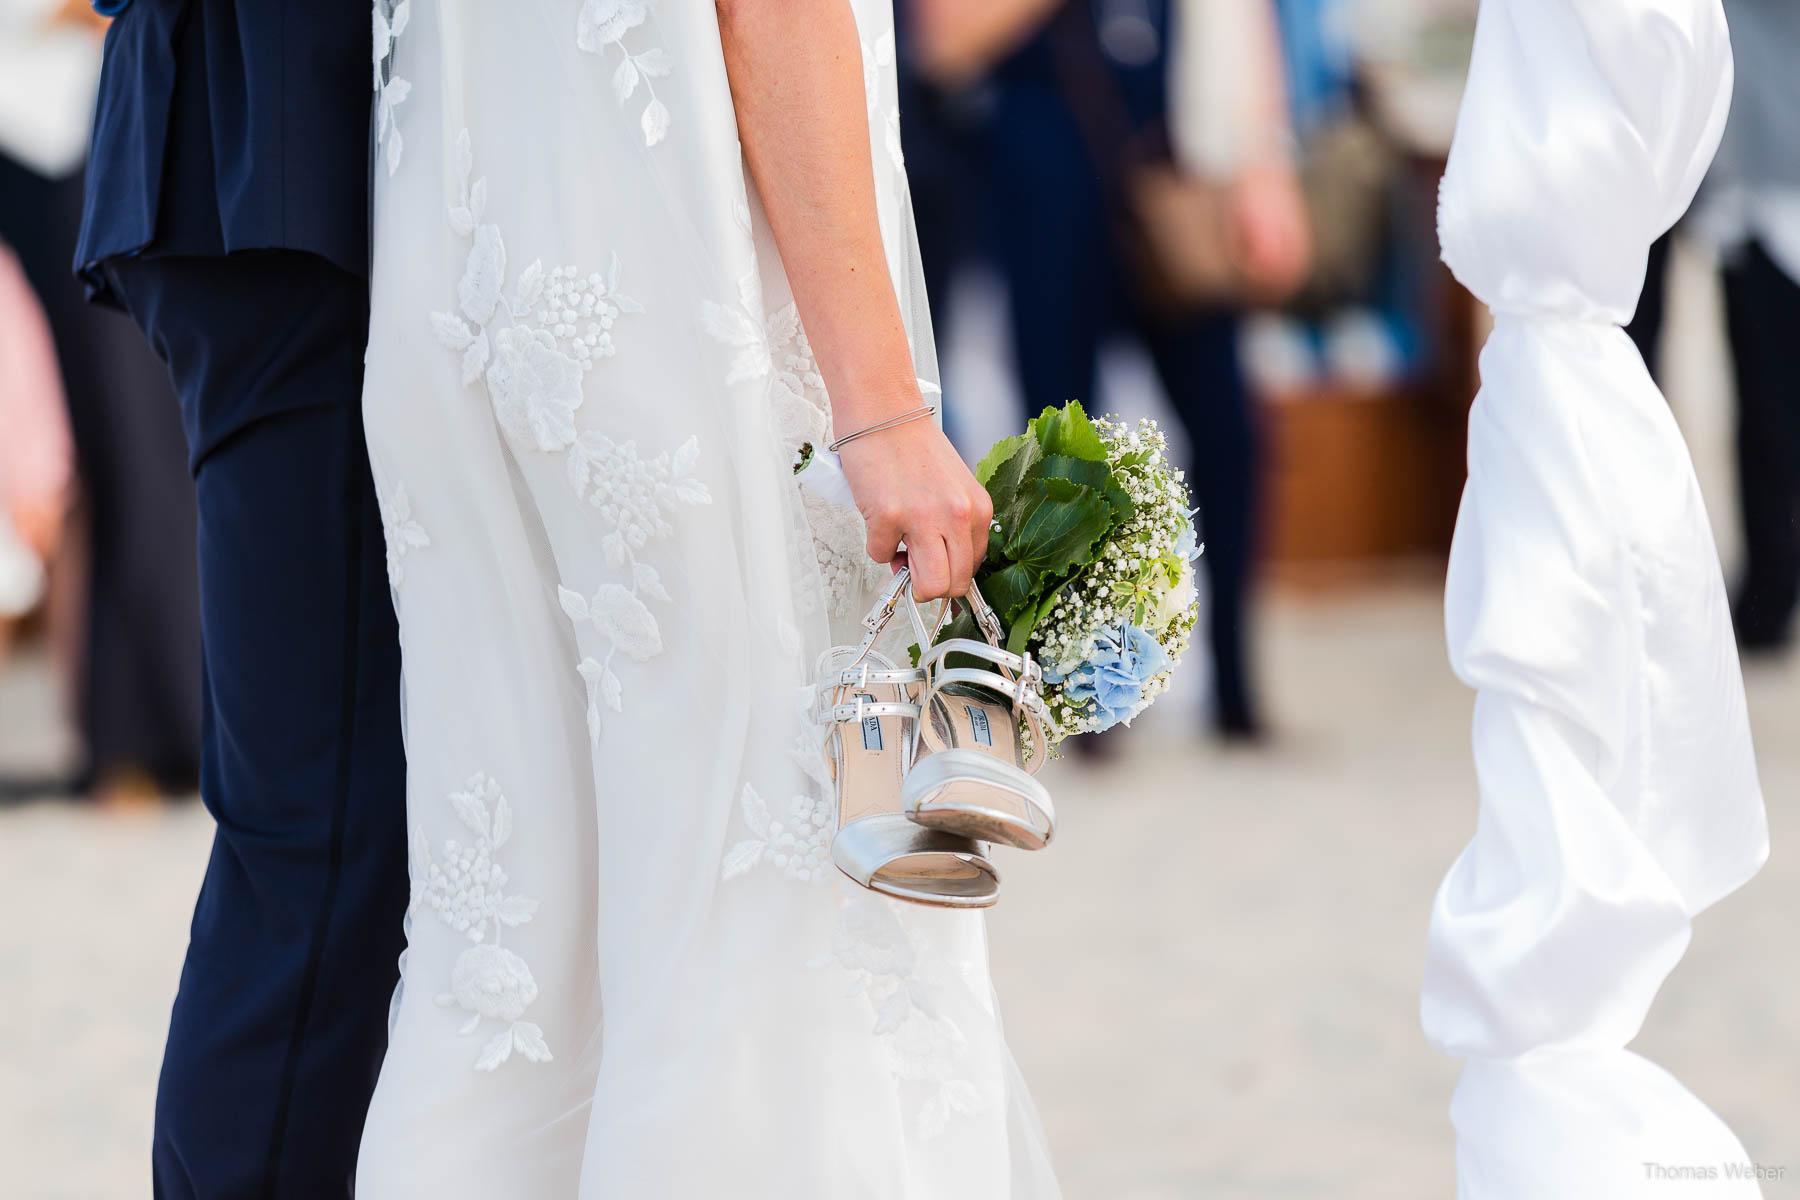 Hochzeitsfotograf Ostfriesland für schöne Hochzeitsfotos auf der Nordseeinsel Spiekeroog, Heiraten auf Spiekeroog